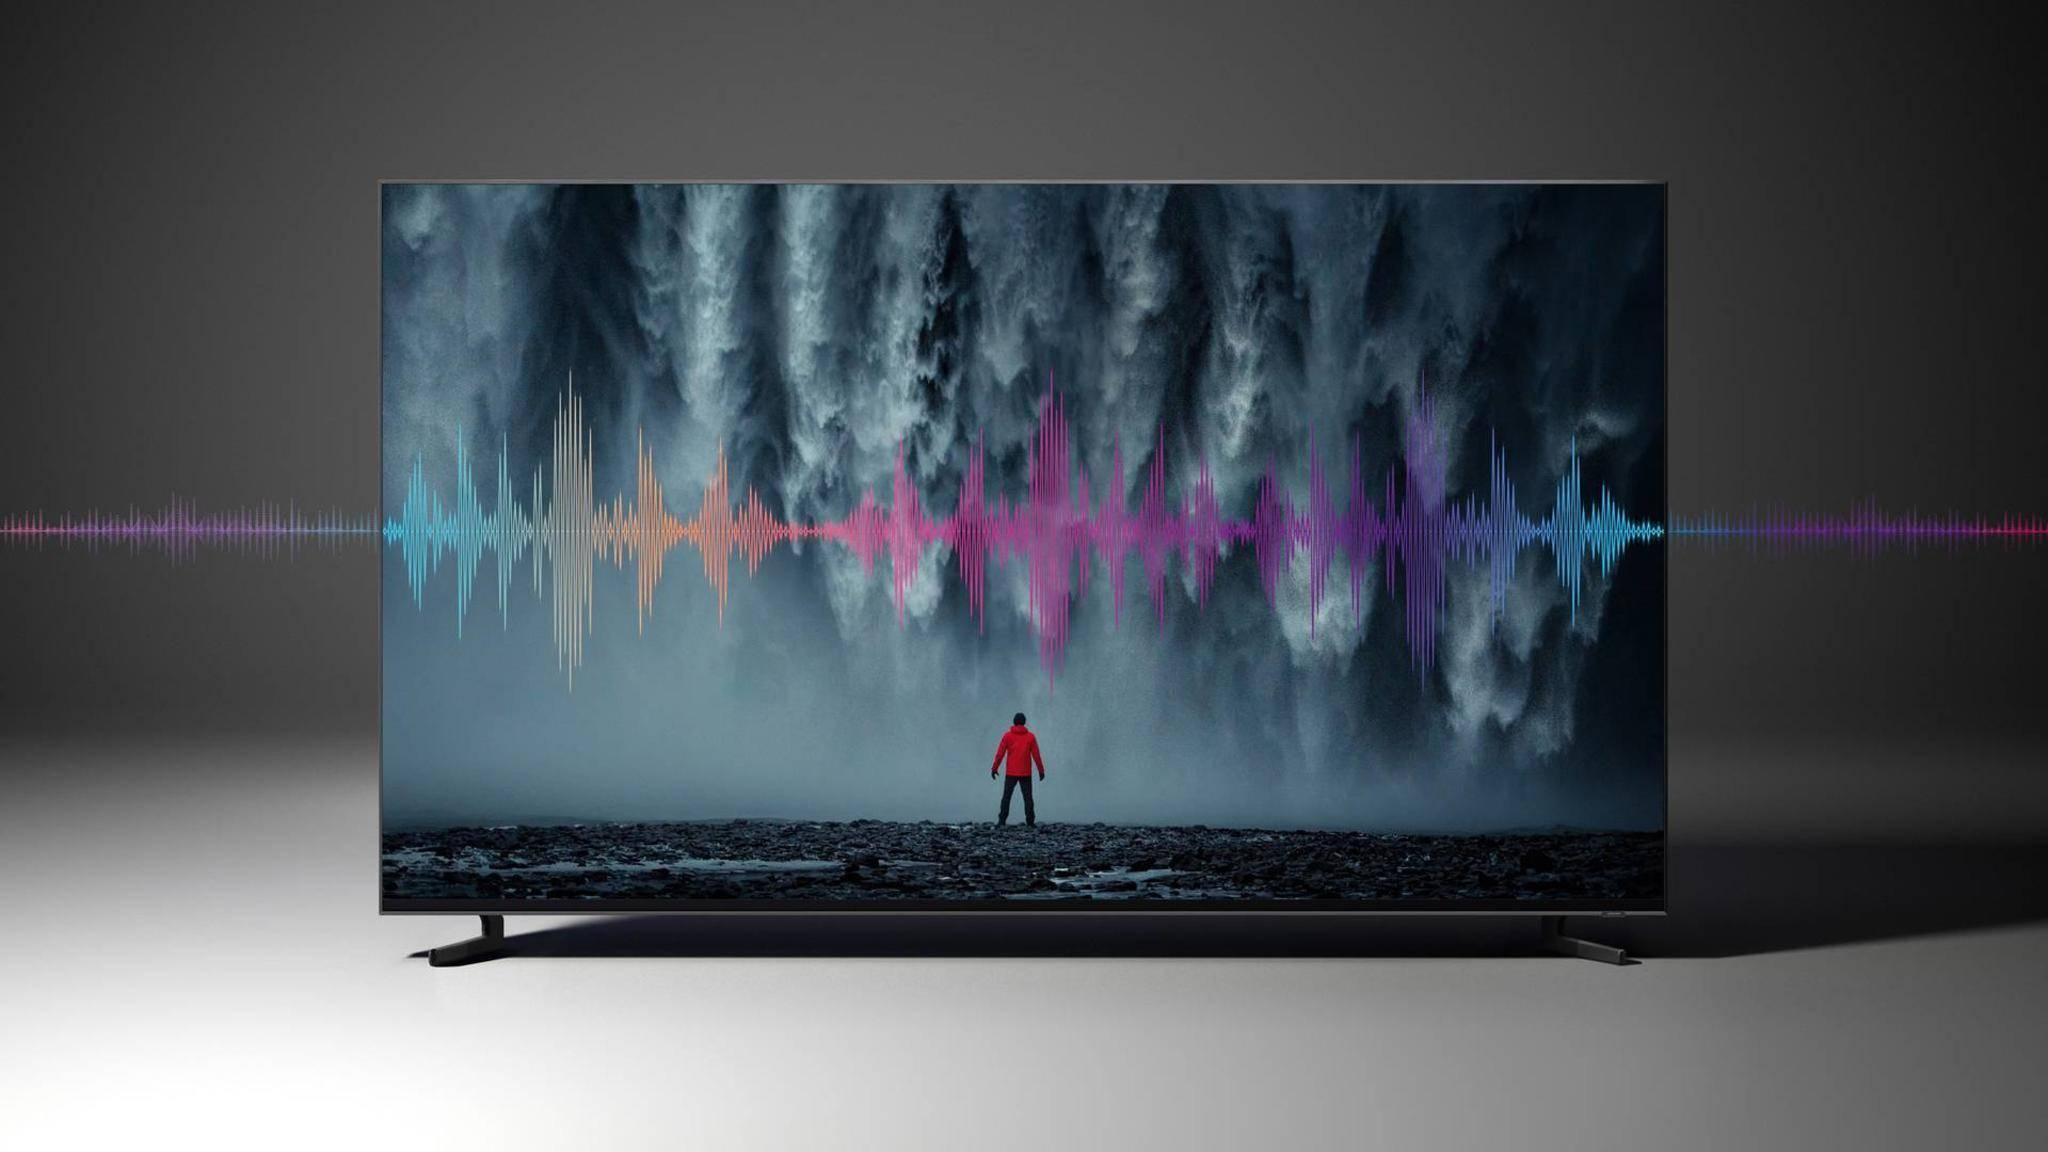 Der Samsung Q900 ist einer der ersten 8K-TVs.